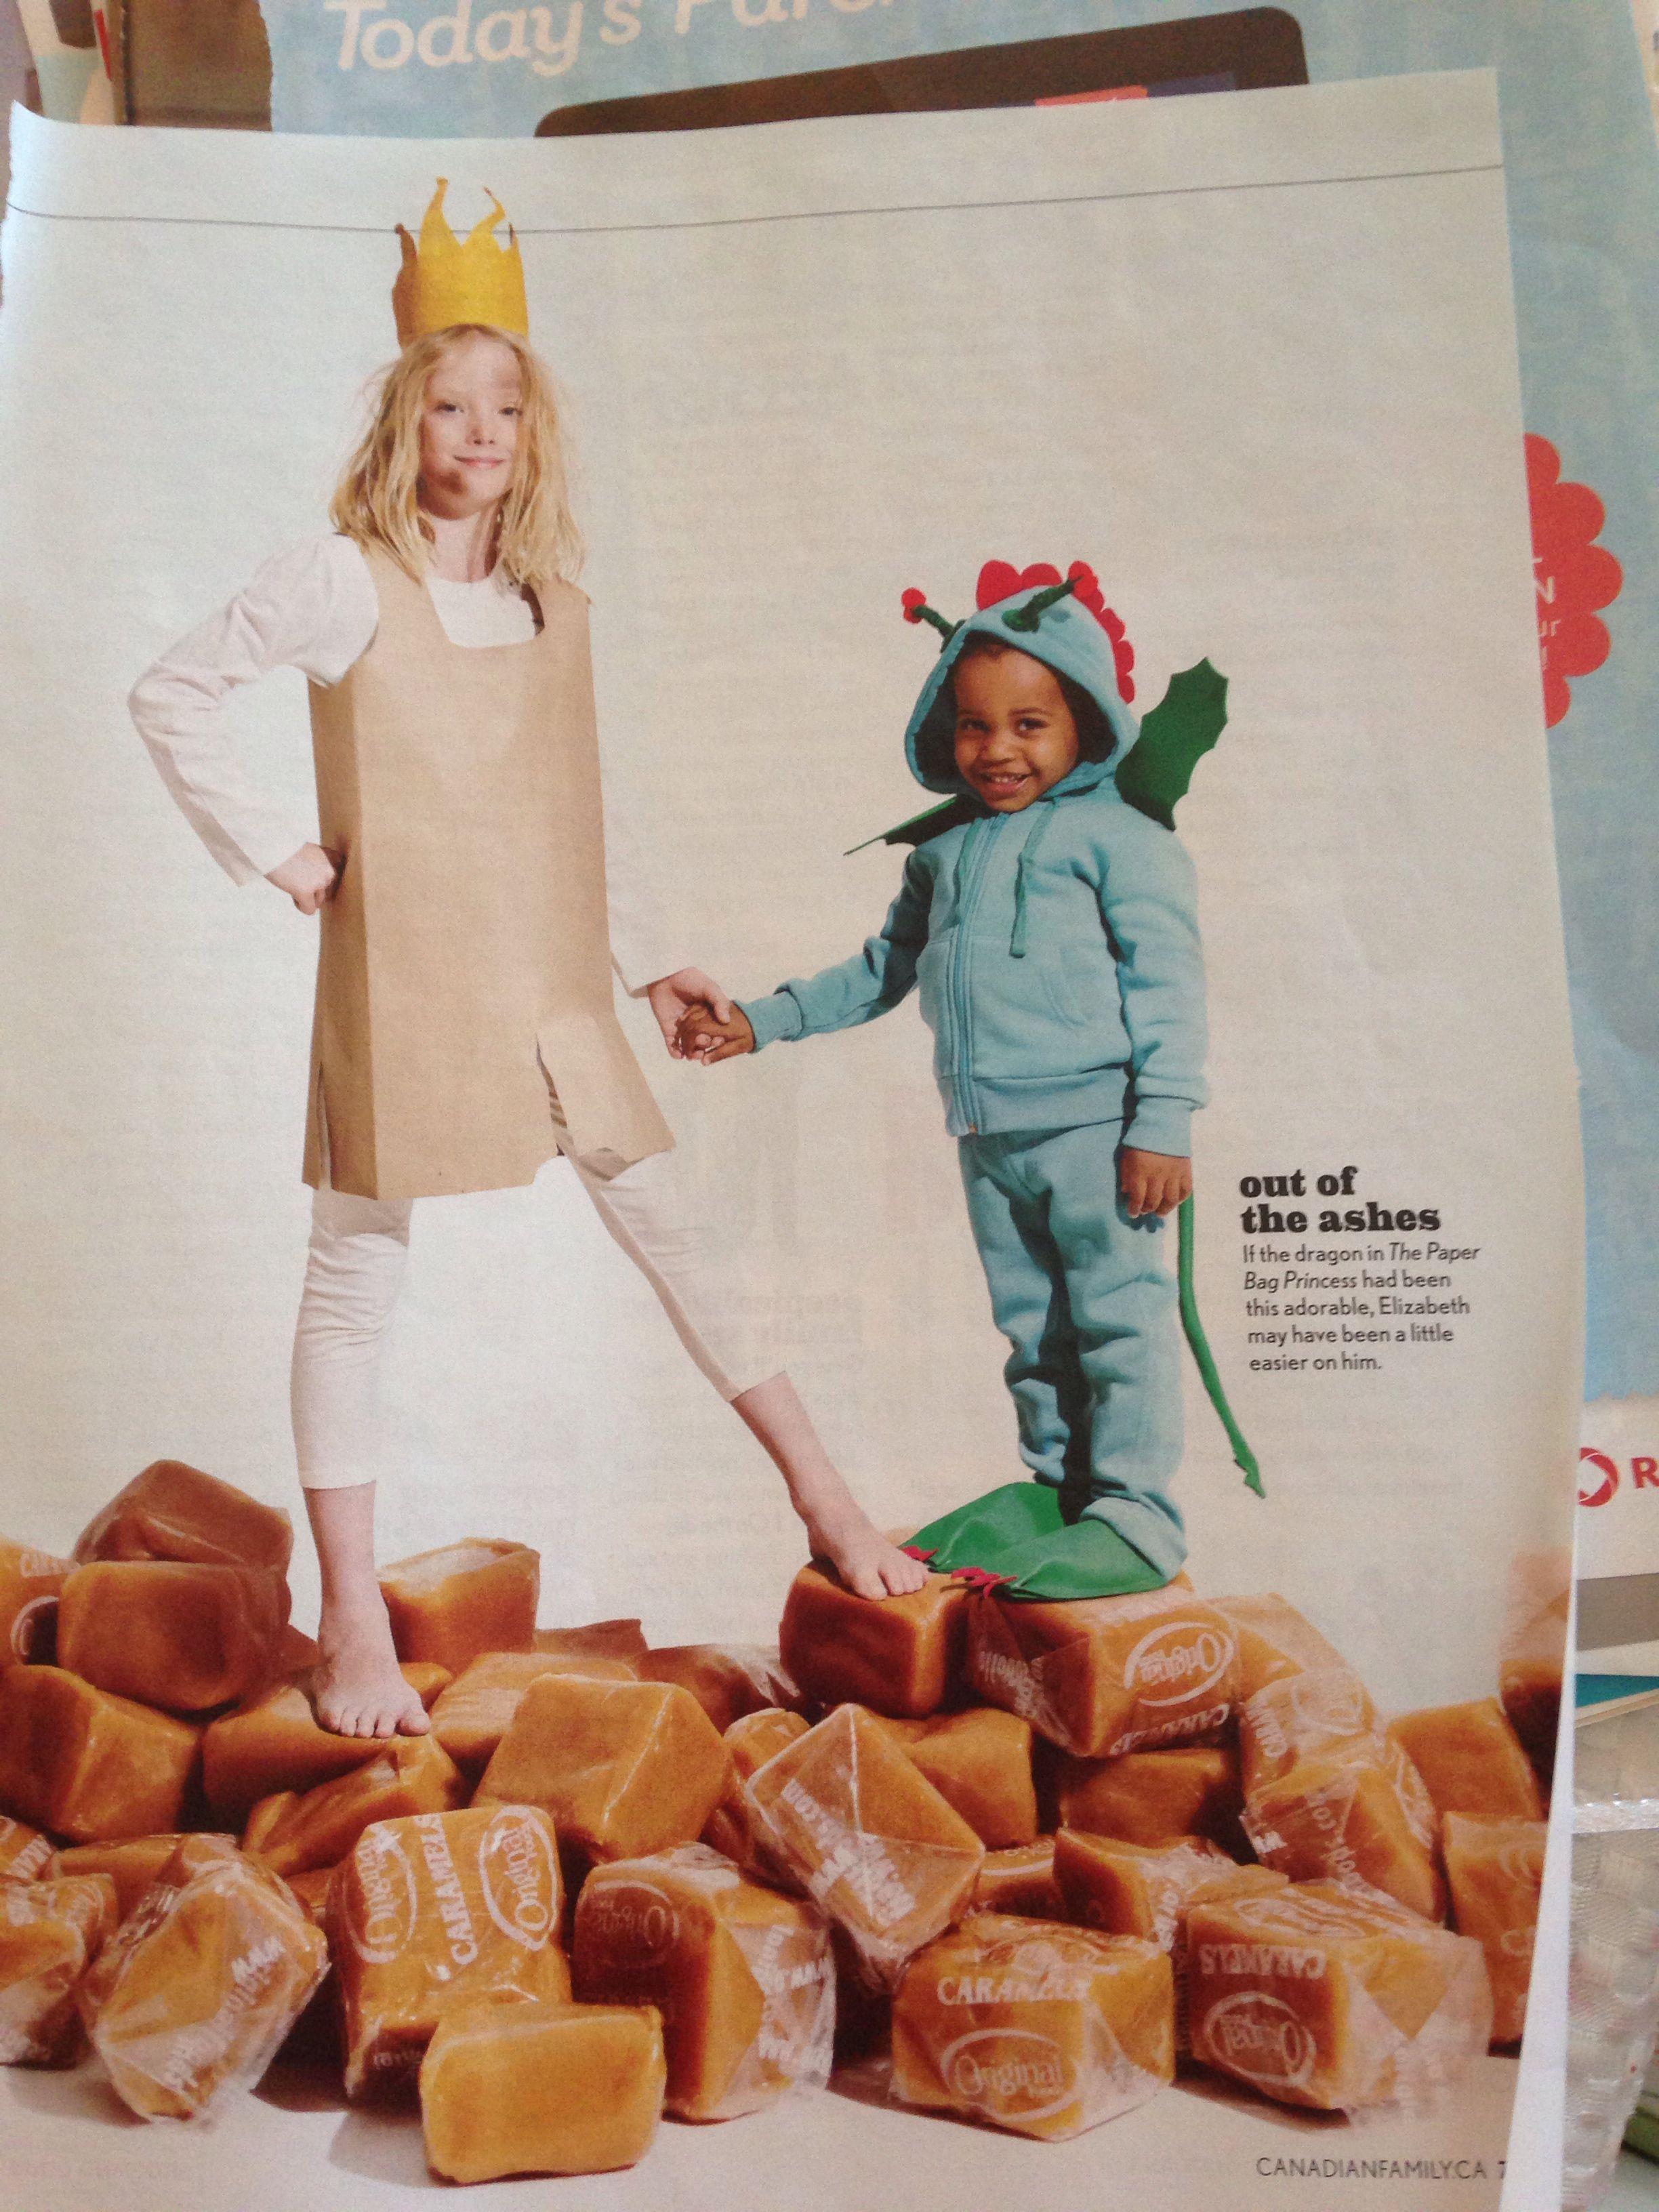 Today's parent paper bag princess costume #paperbagprincesscostume Today's parent paper bag princess costume #paperbagprincesscostume